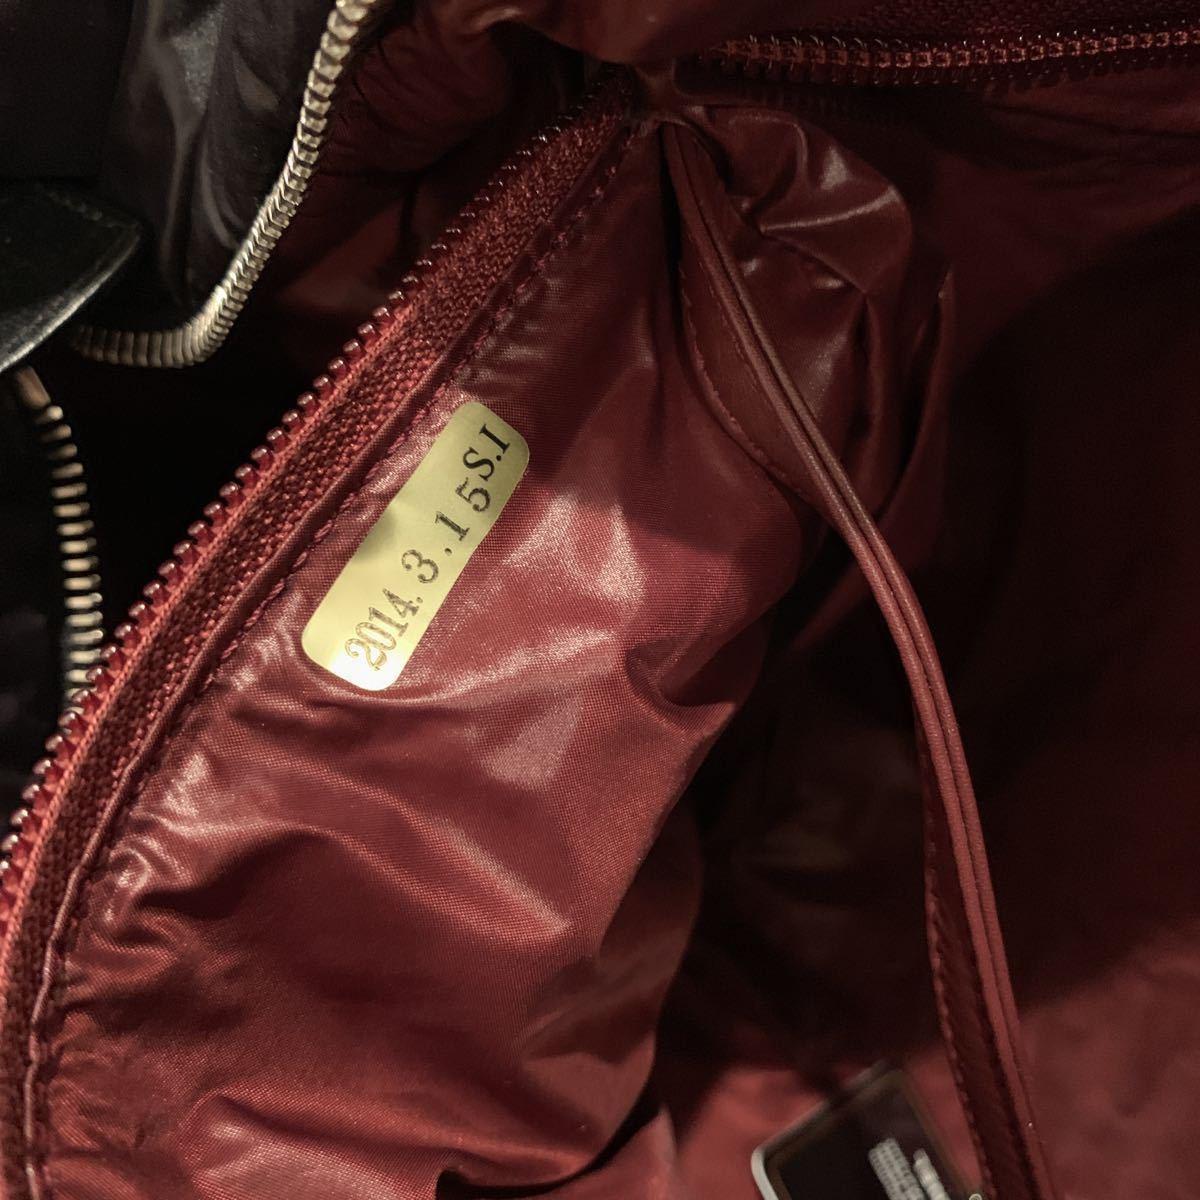 CHANEL シャネル コココクーン ビッグトートバッグ 旅行鞄 ショルダーバッグ ナイロン×マトラッセ 極美品 格安出品 _画像8